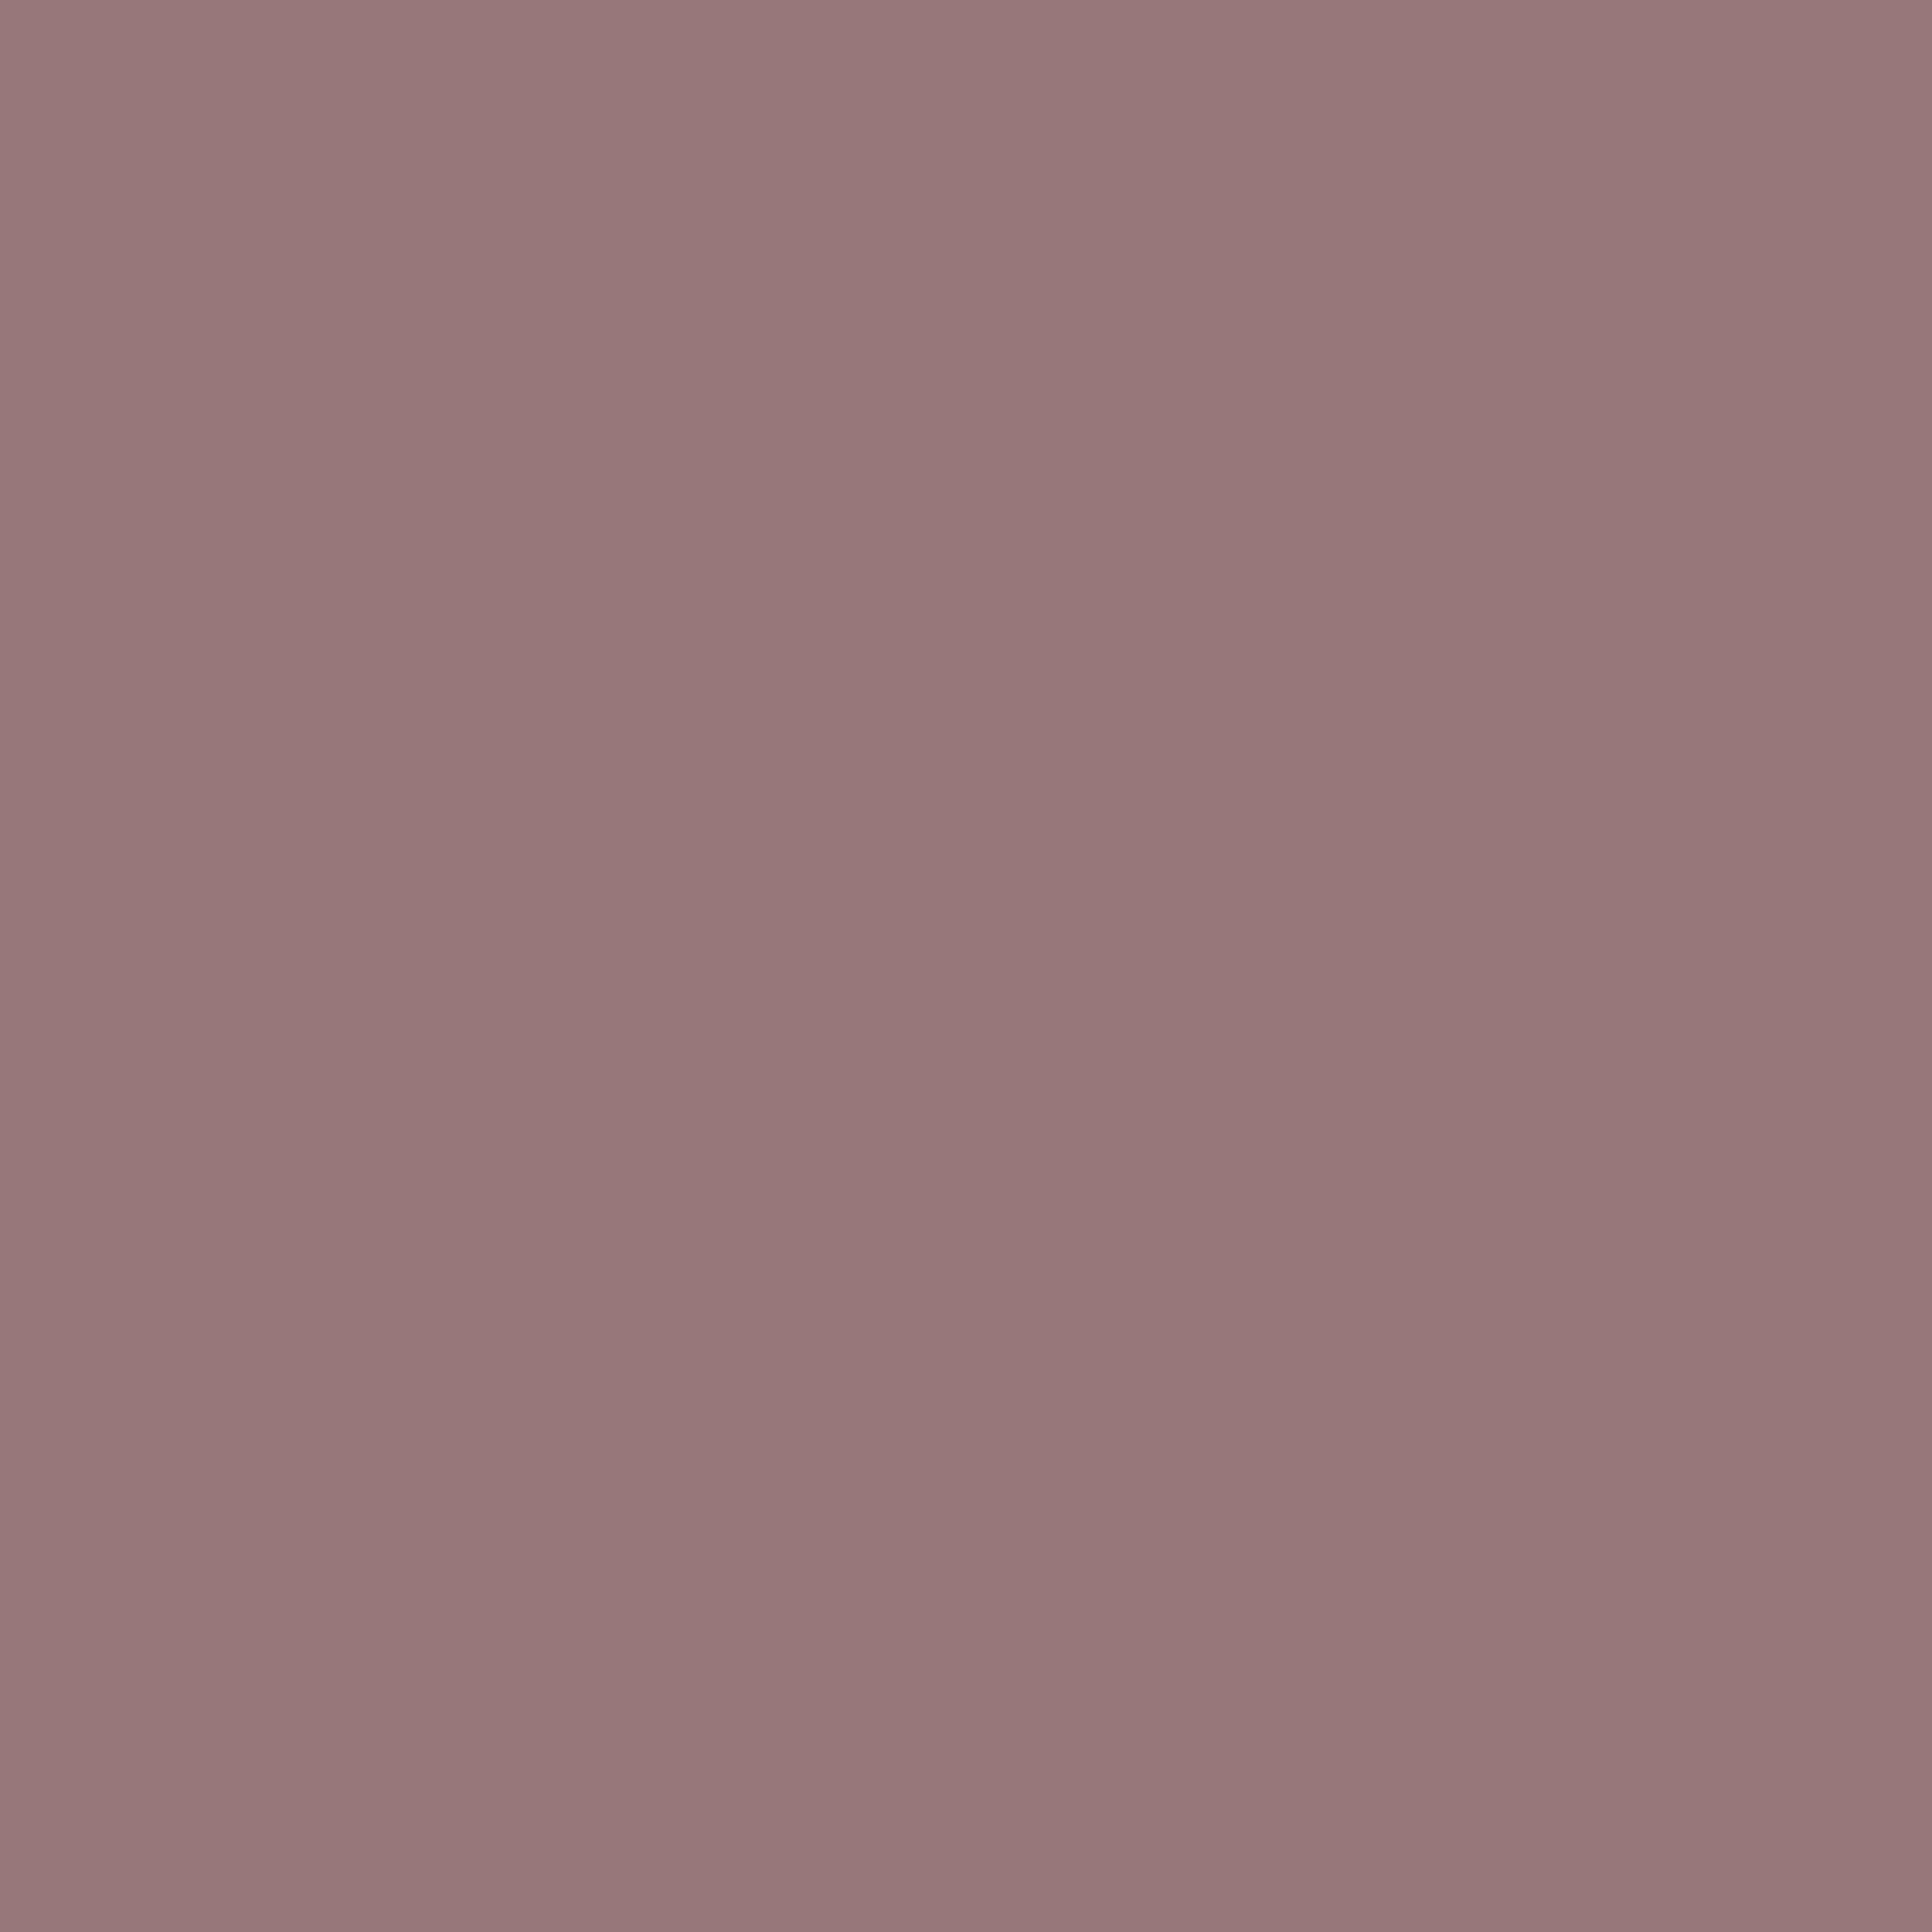 2048x2048 Bazaar Solid Color Background